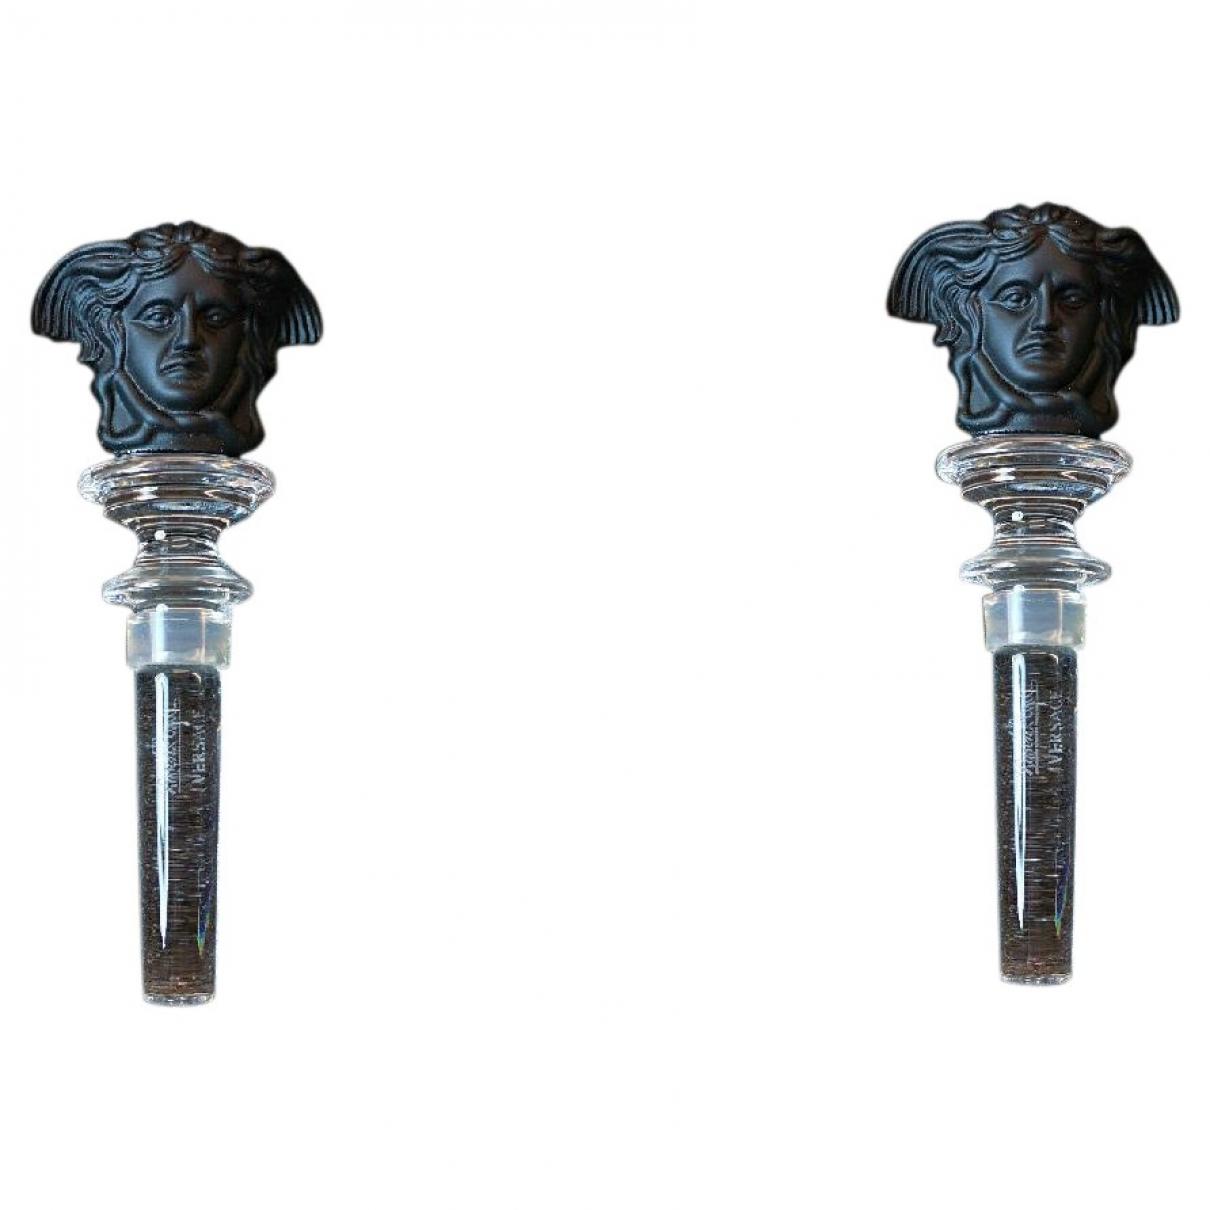 Versace \N Tischkultur in Kristall